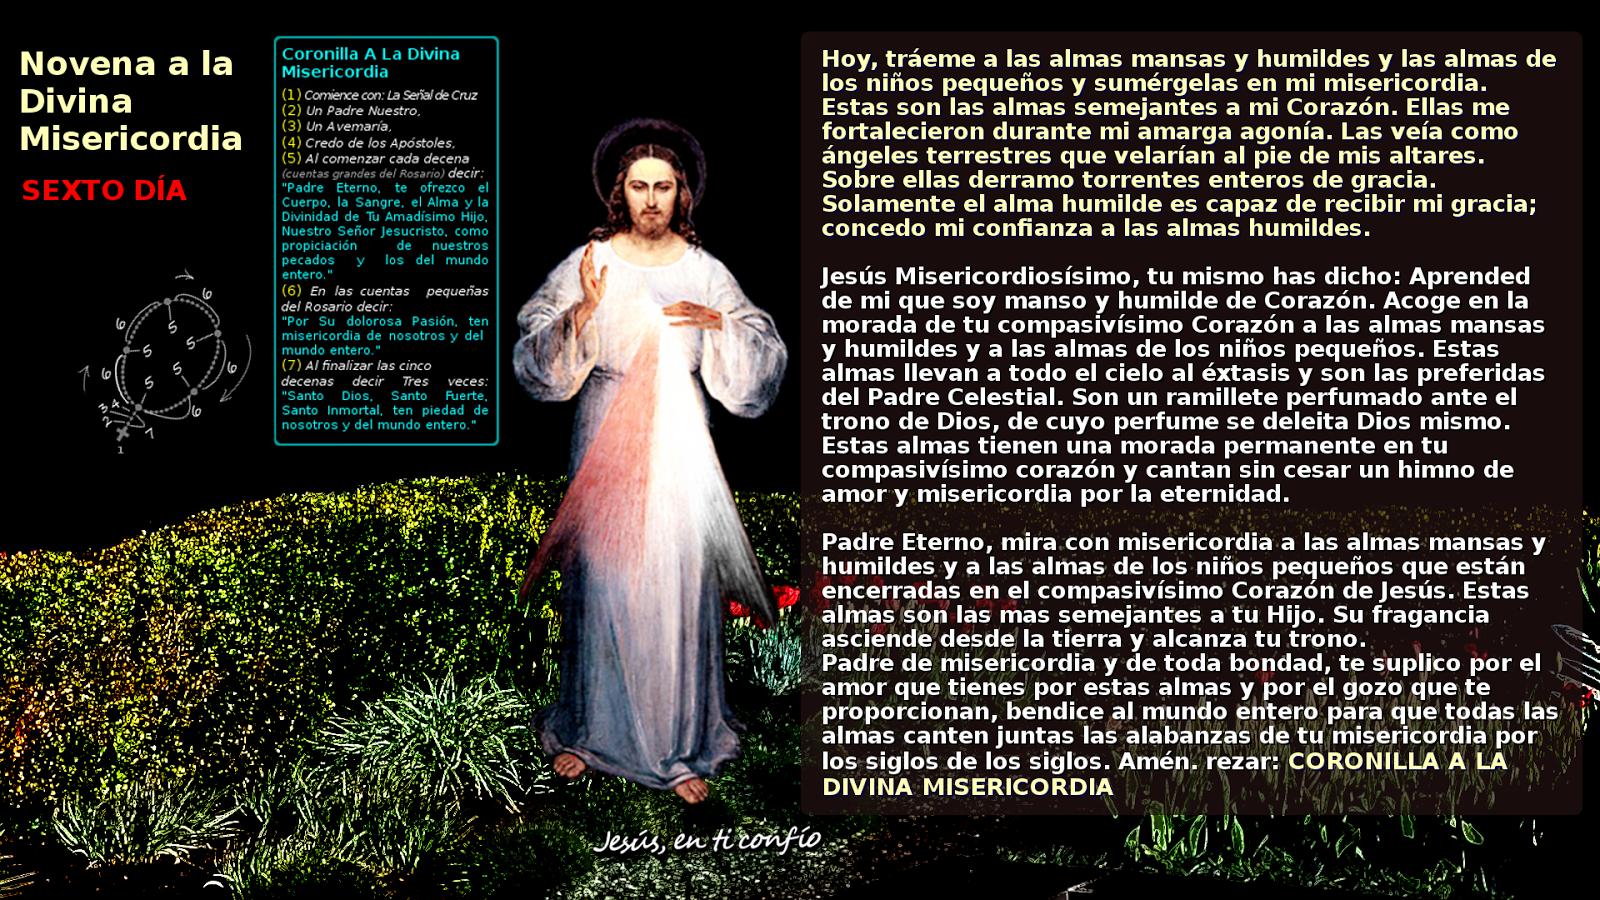 sexto dia de la novena divina misericordia en foto de jesus misericordioso